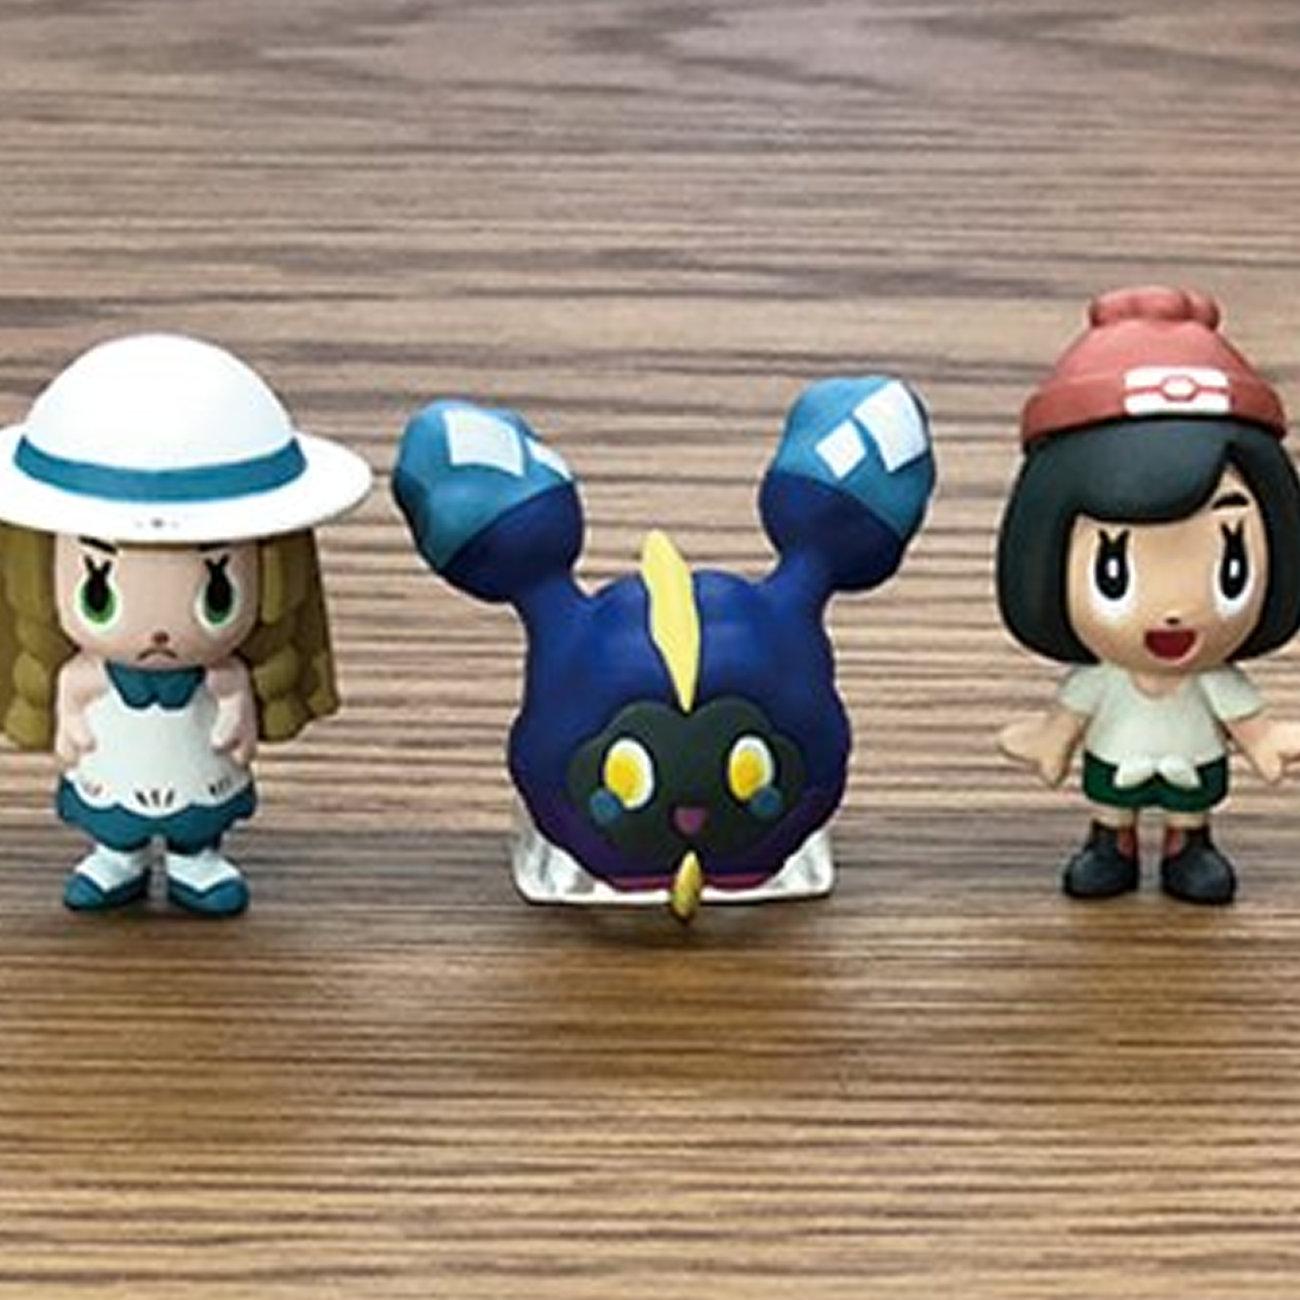 ポケモン、アセロラ・リーリエ・ミヅキのミニフィギュア